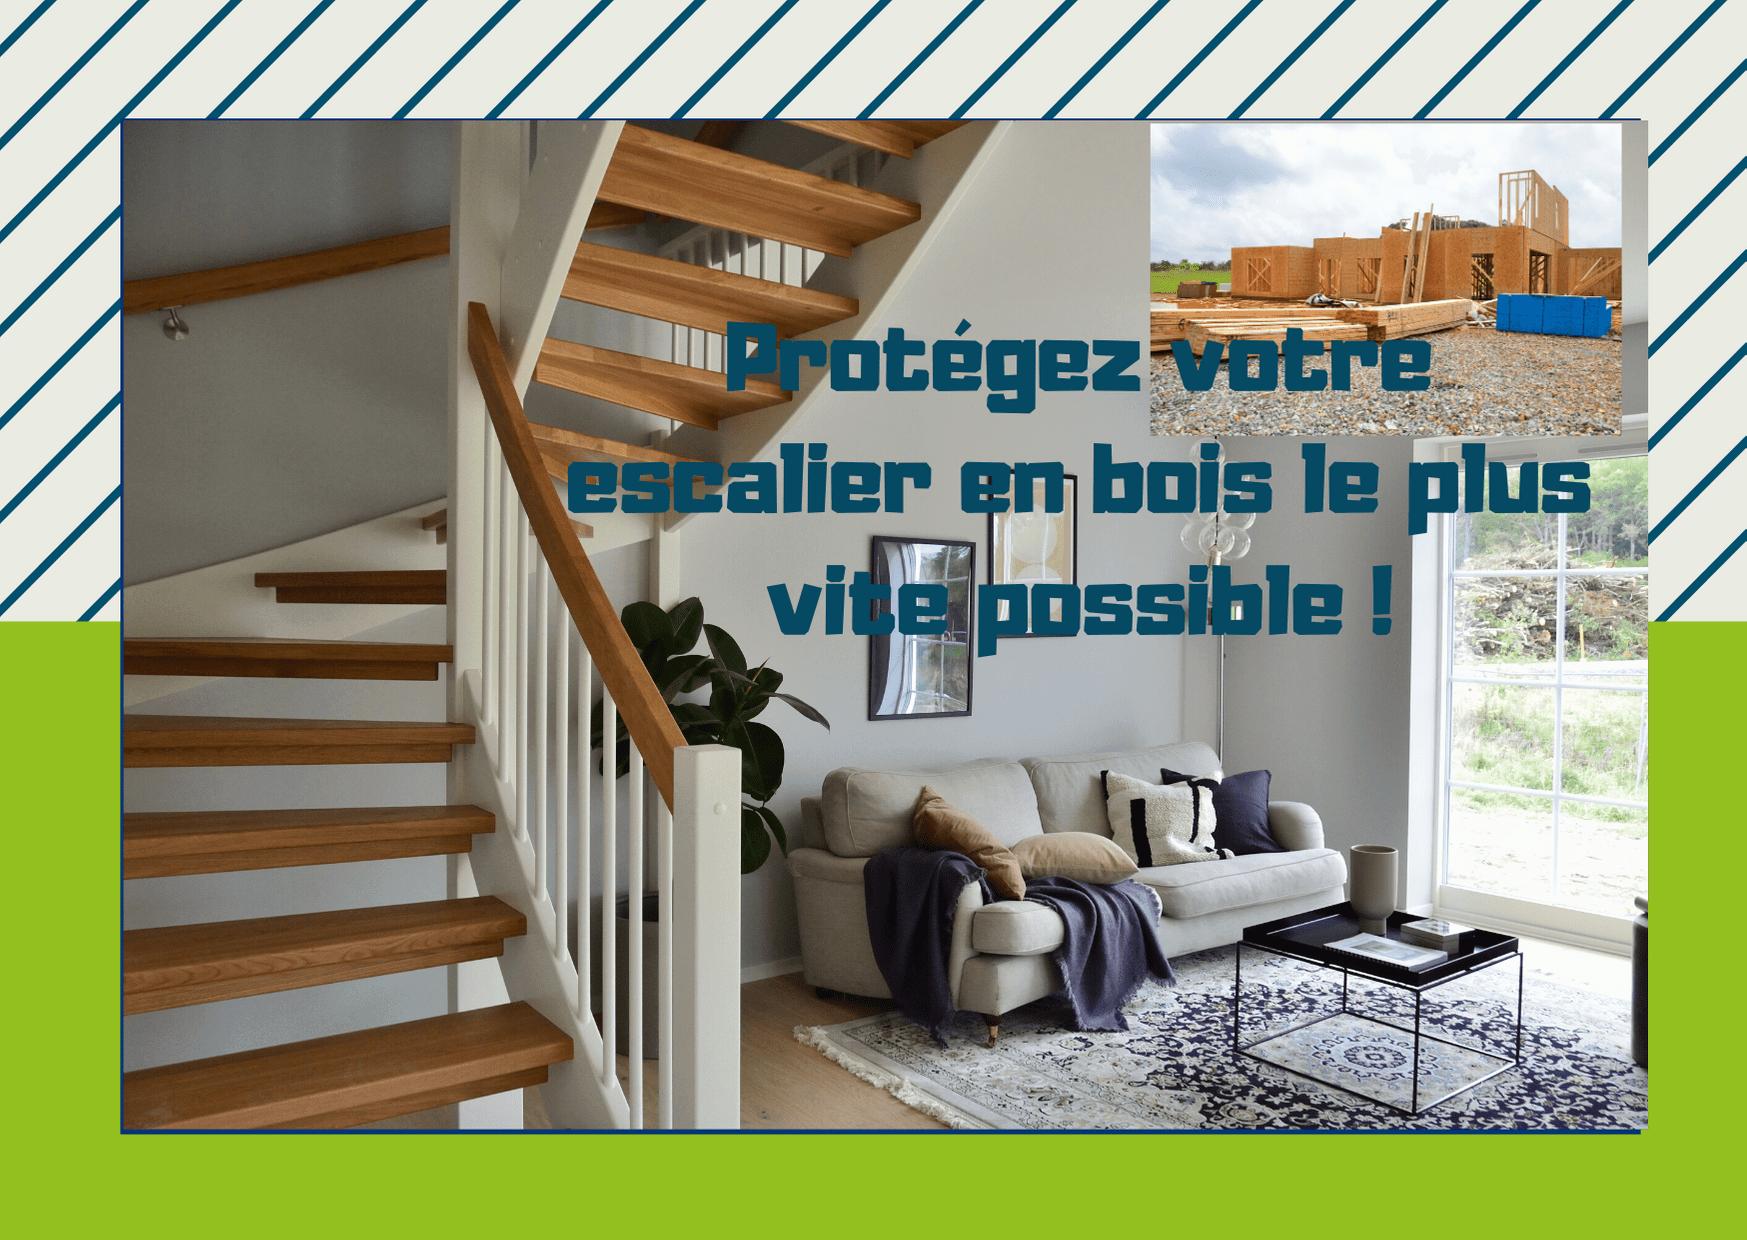 Huile Pour Escalier Hetre vitrifier votre escalier neuf le plus rapidement possible !